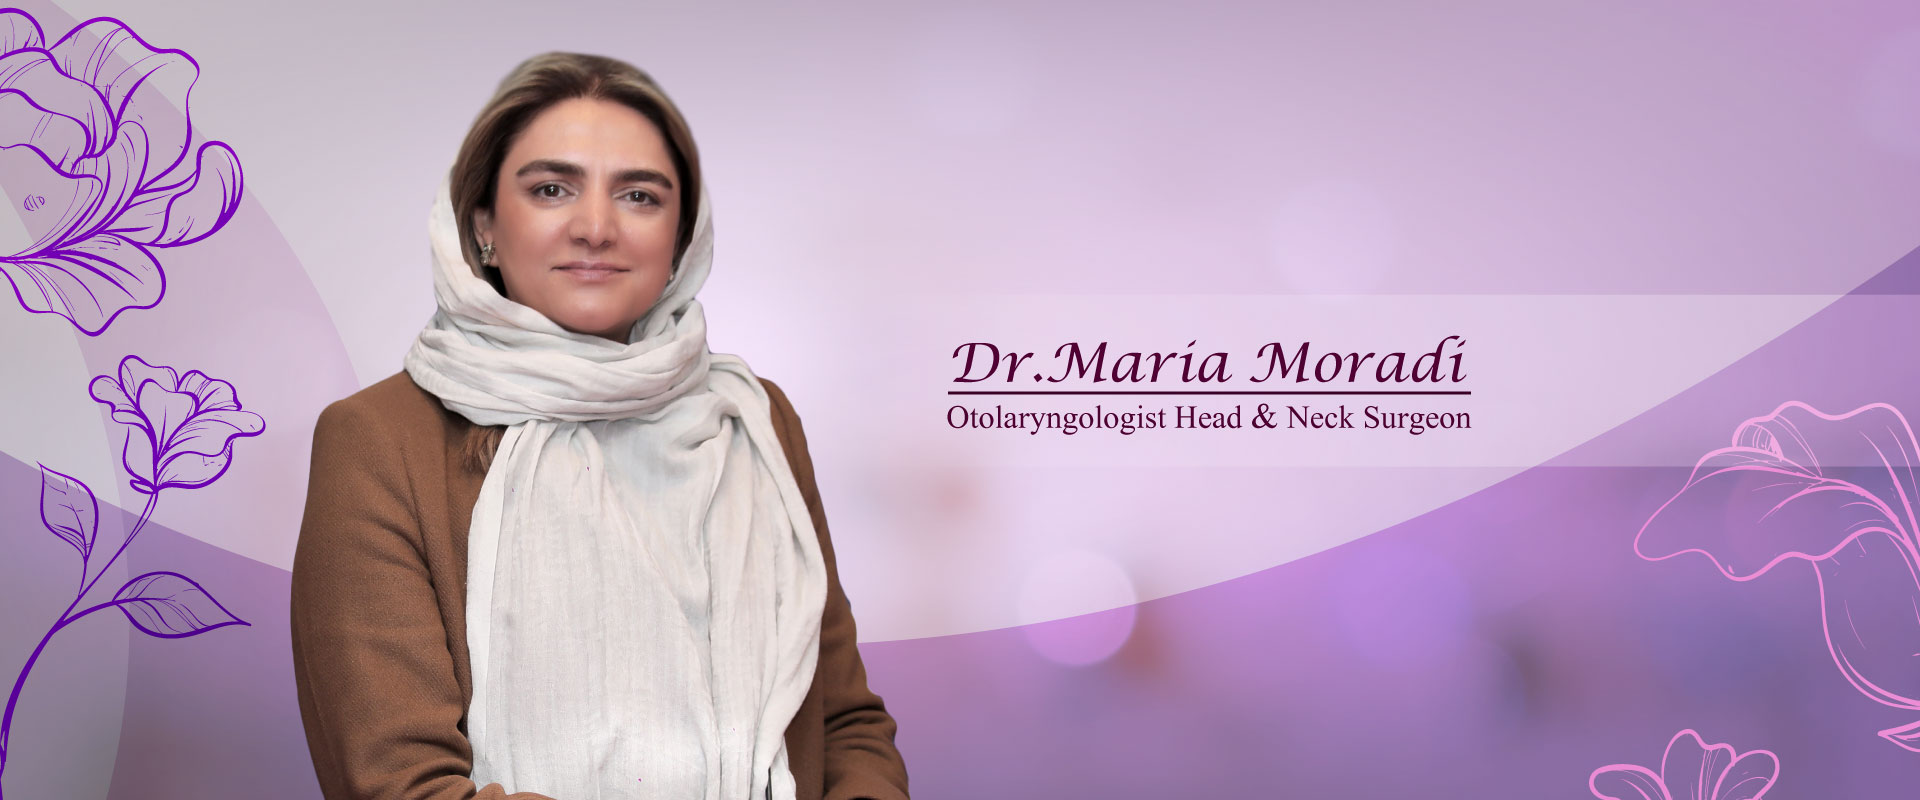 بنر دکتر ماریا مرادی